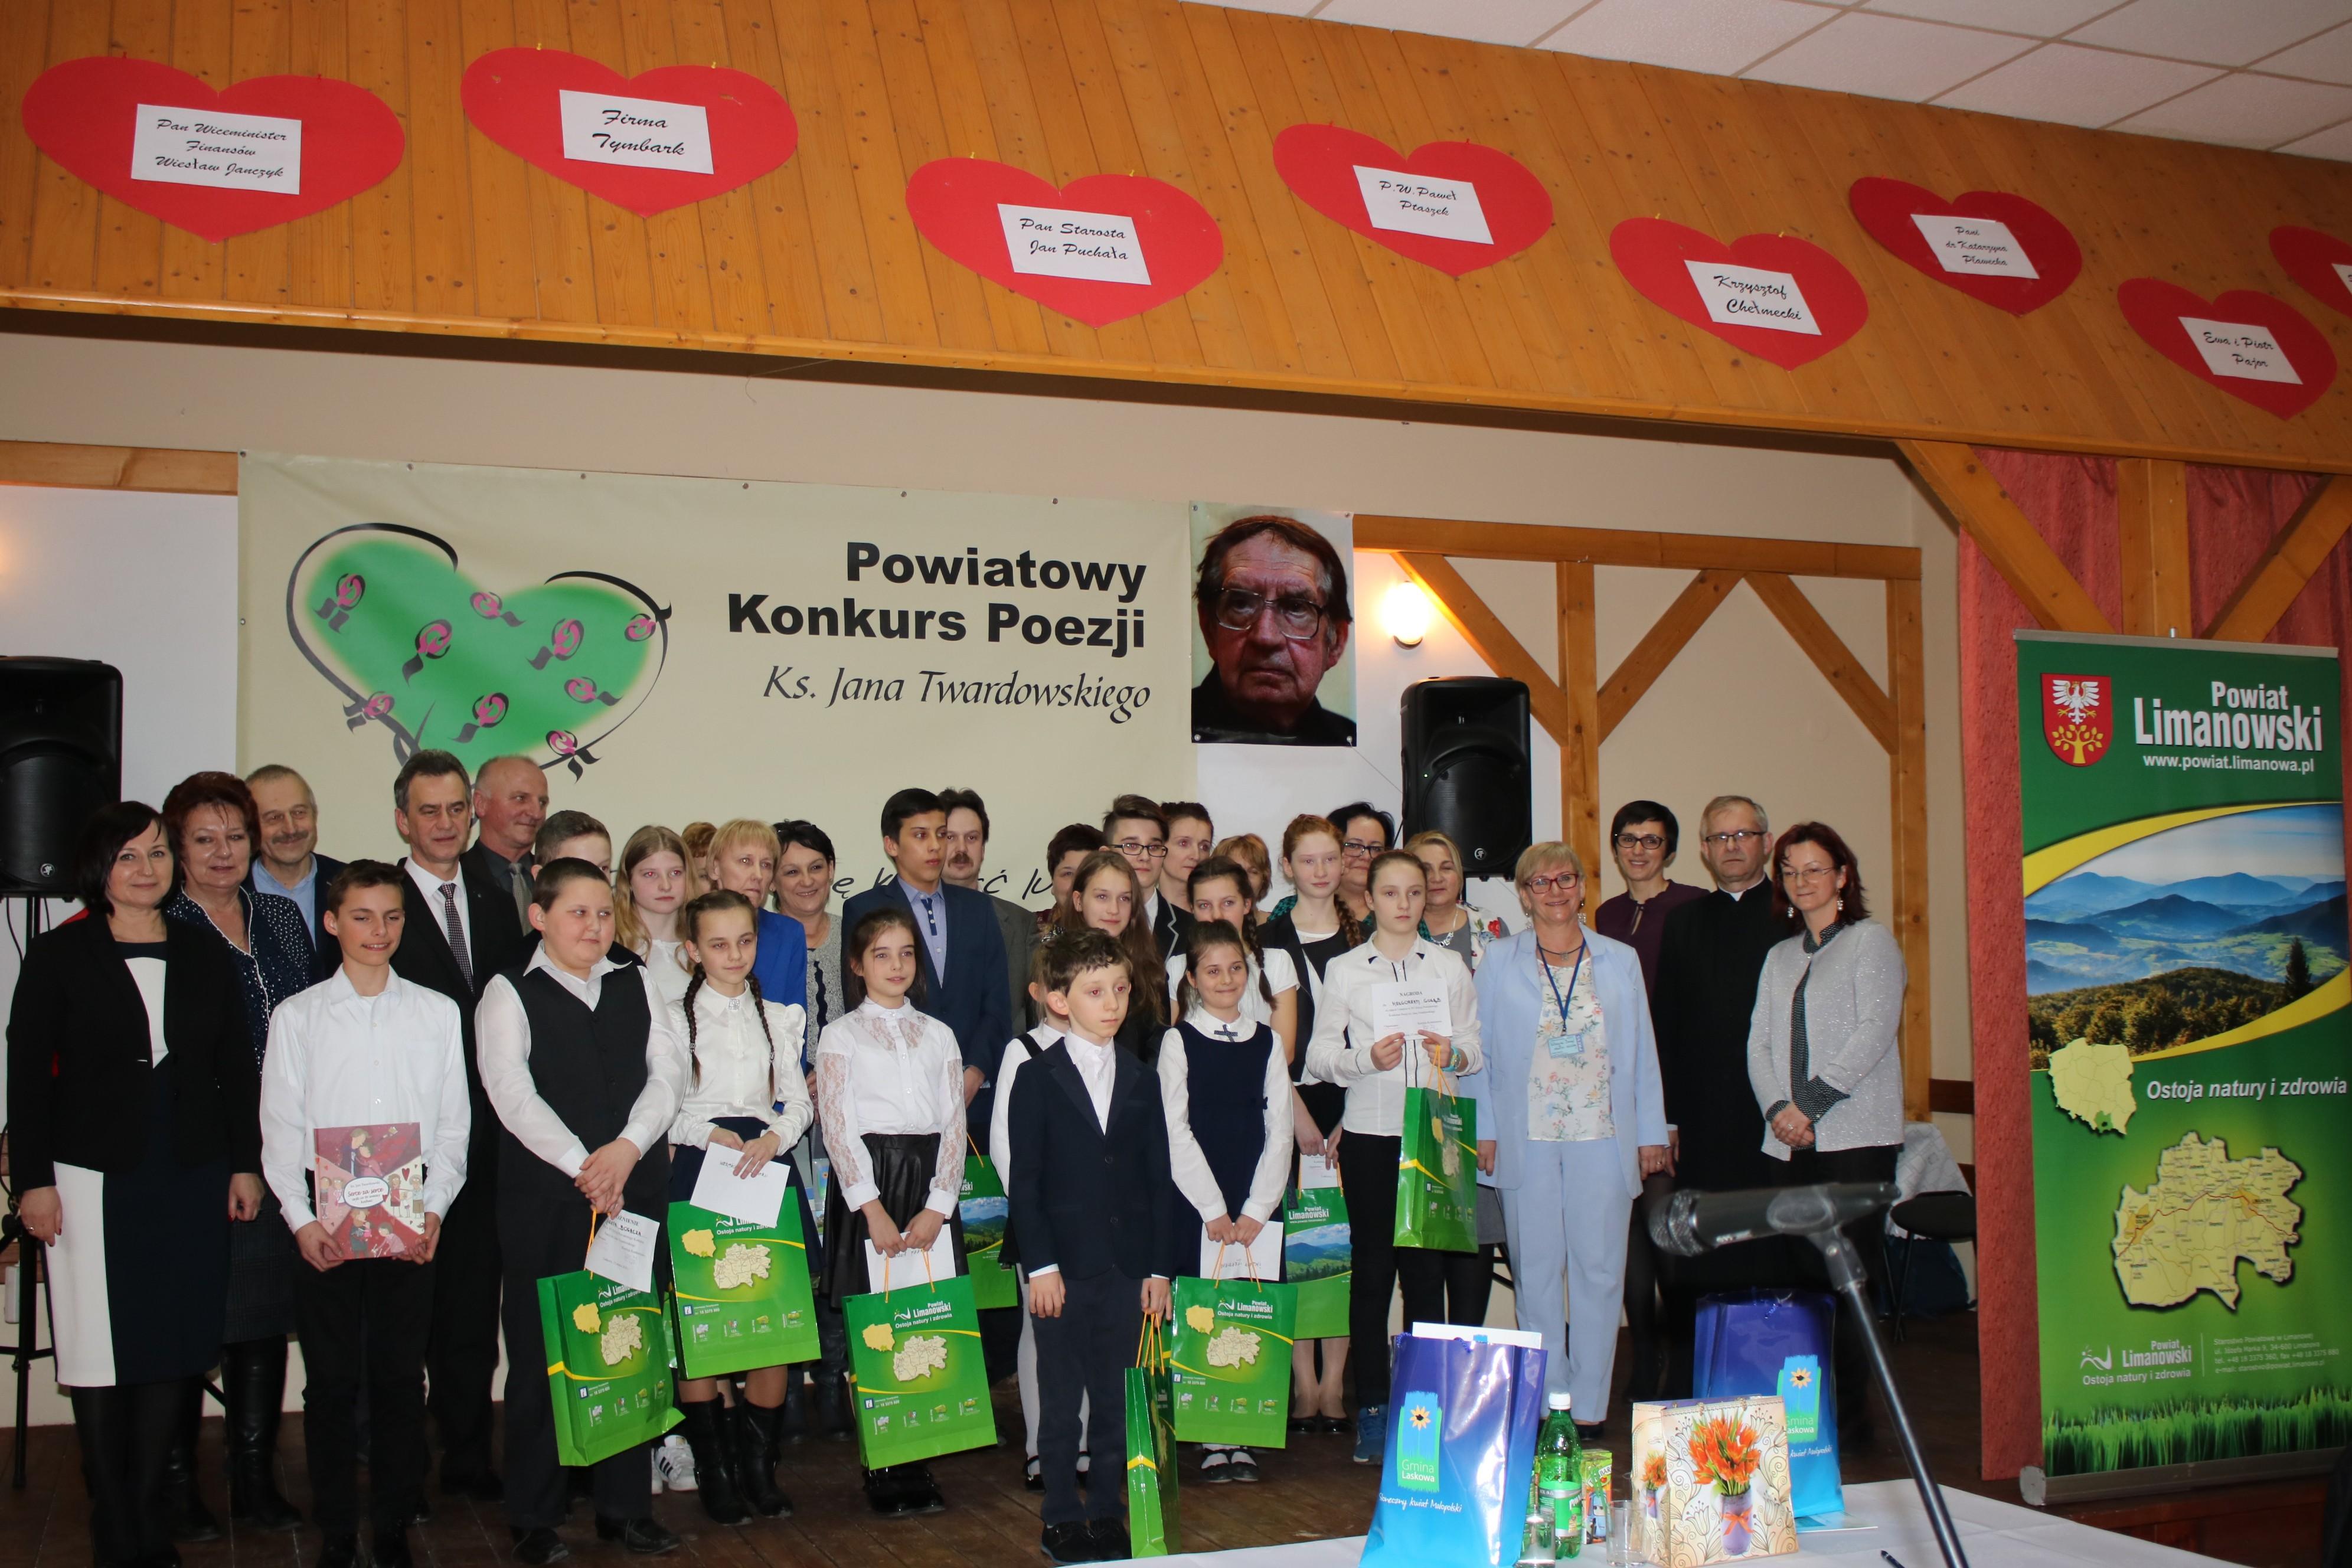 Uczestnicy Konkursu na zdjęciu grupowym wraz z opiekunami, gośmi i organizatorami wydarzenia